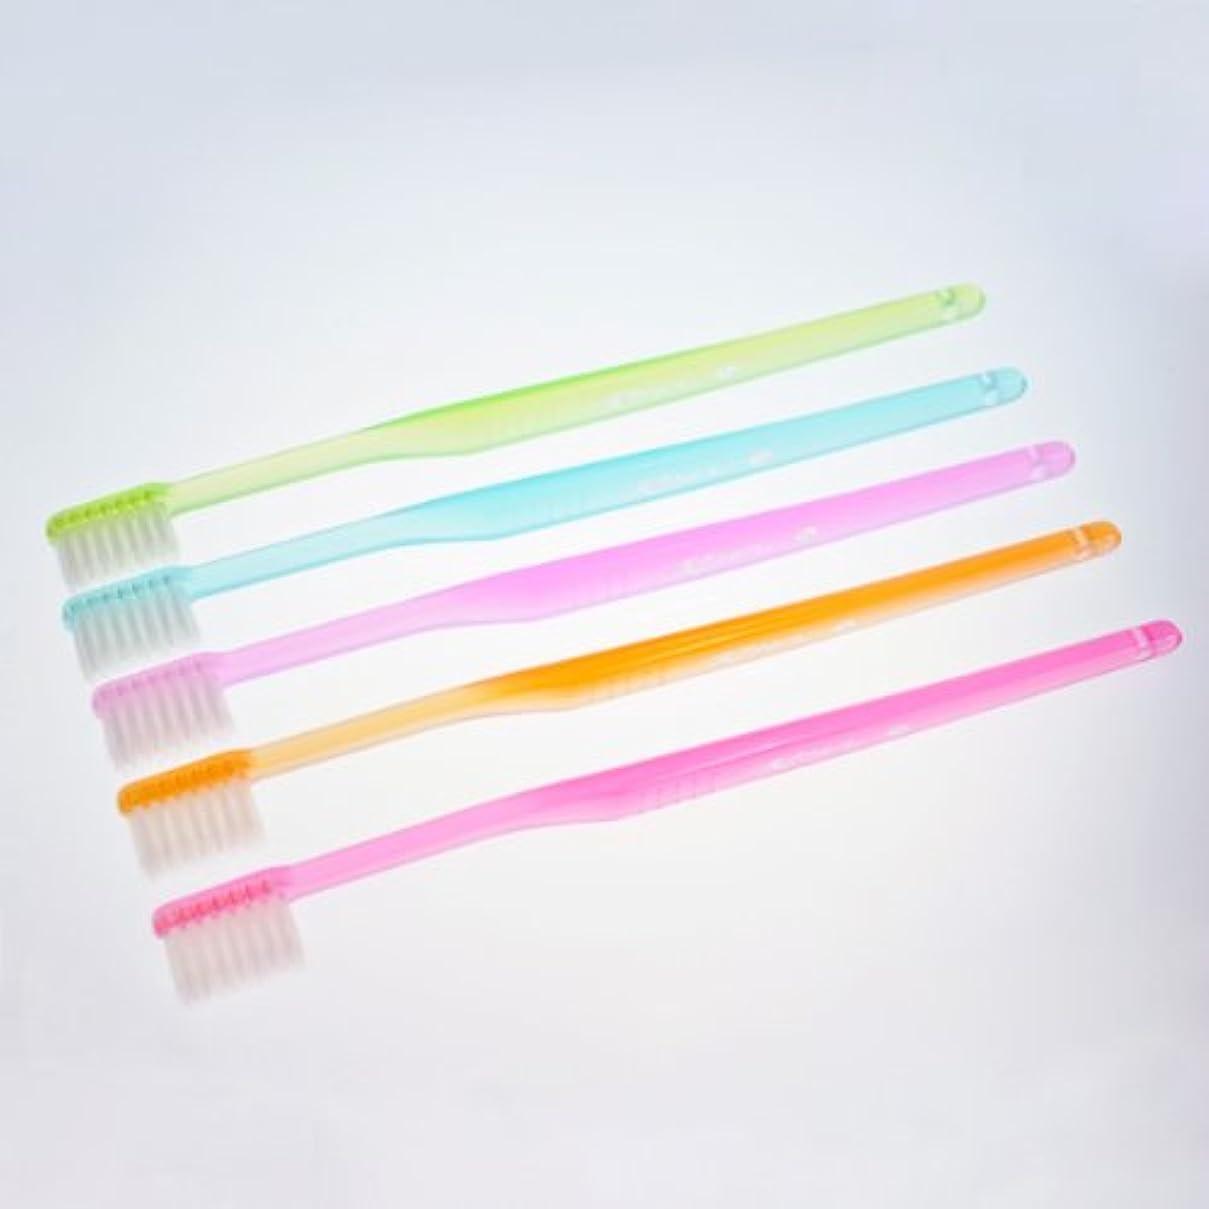 インクさわやかすなわちマルケン歯ブラシ 5本セット